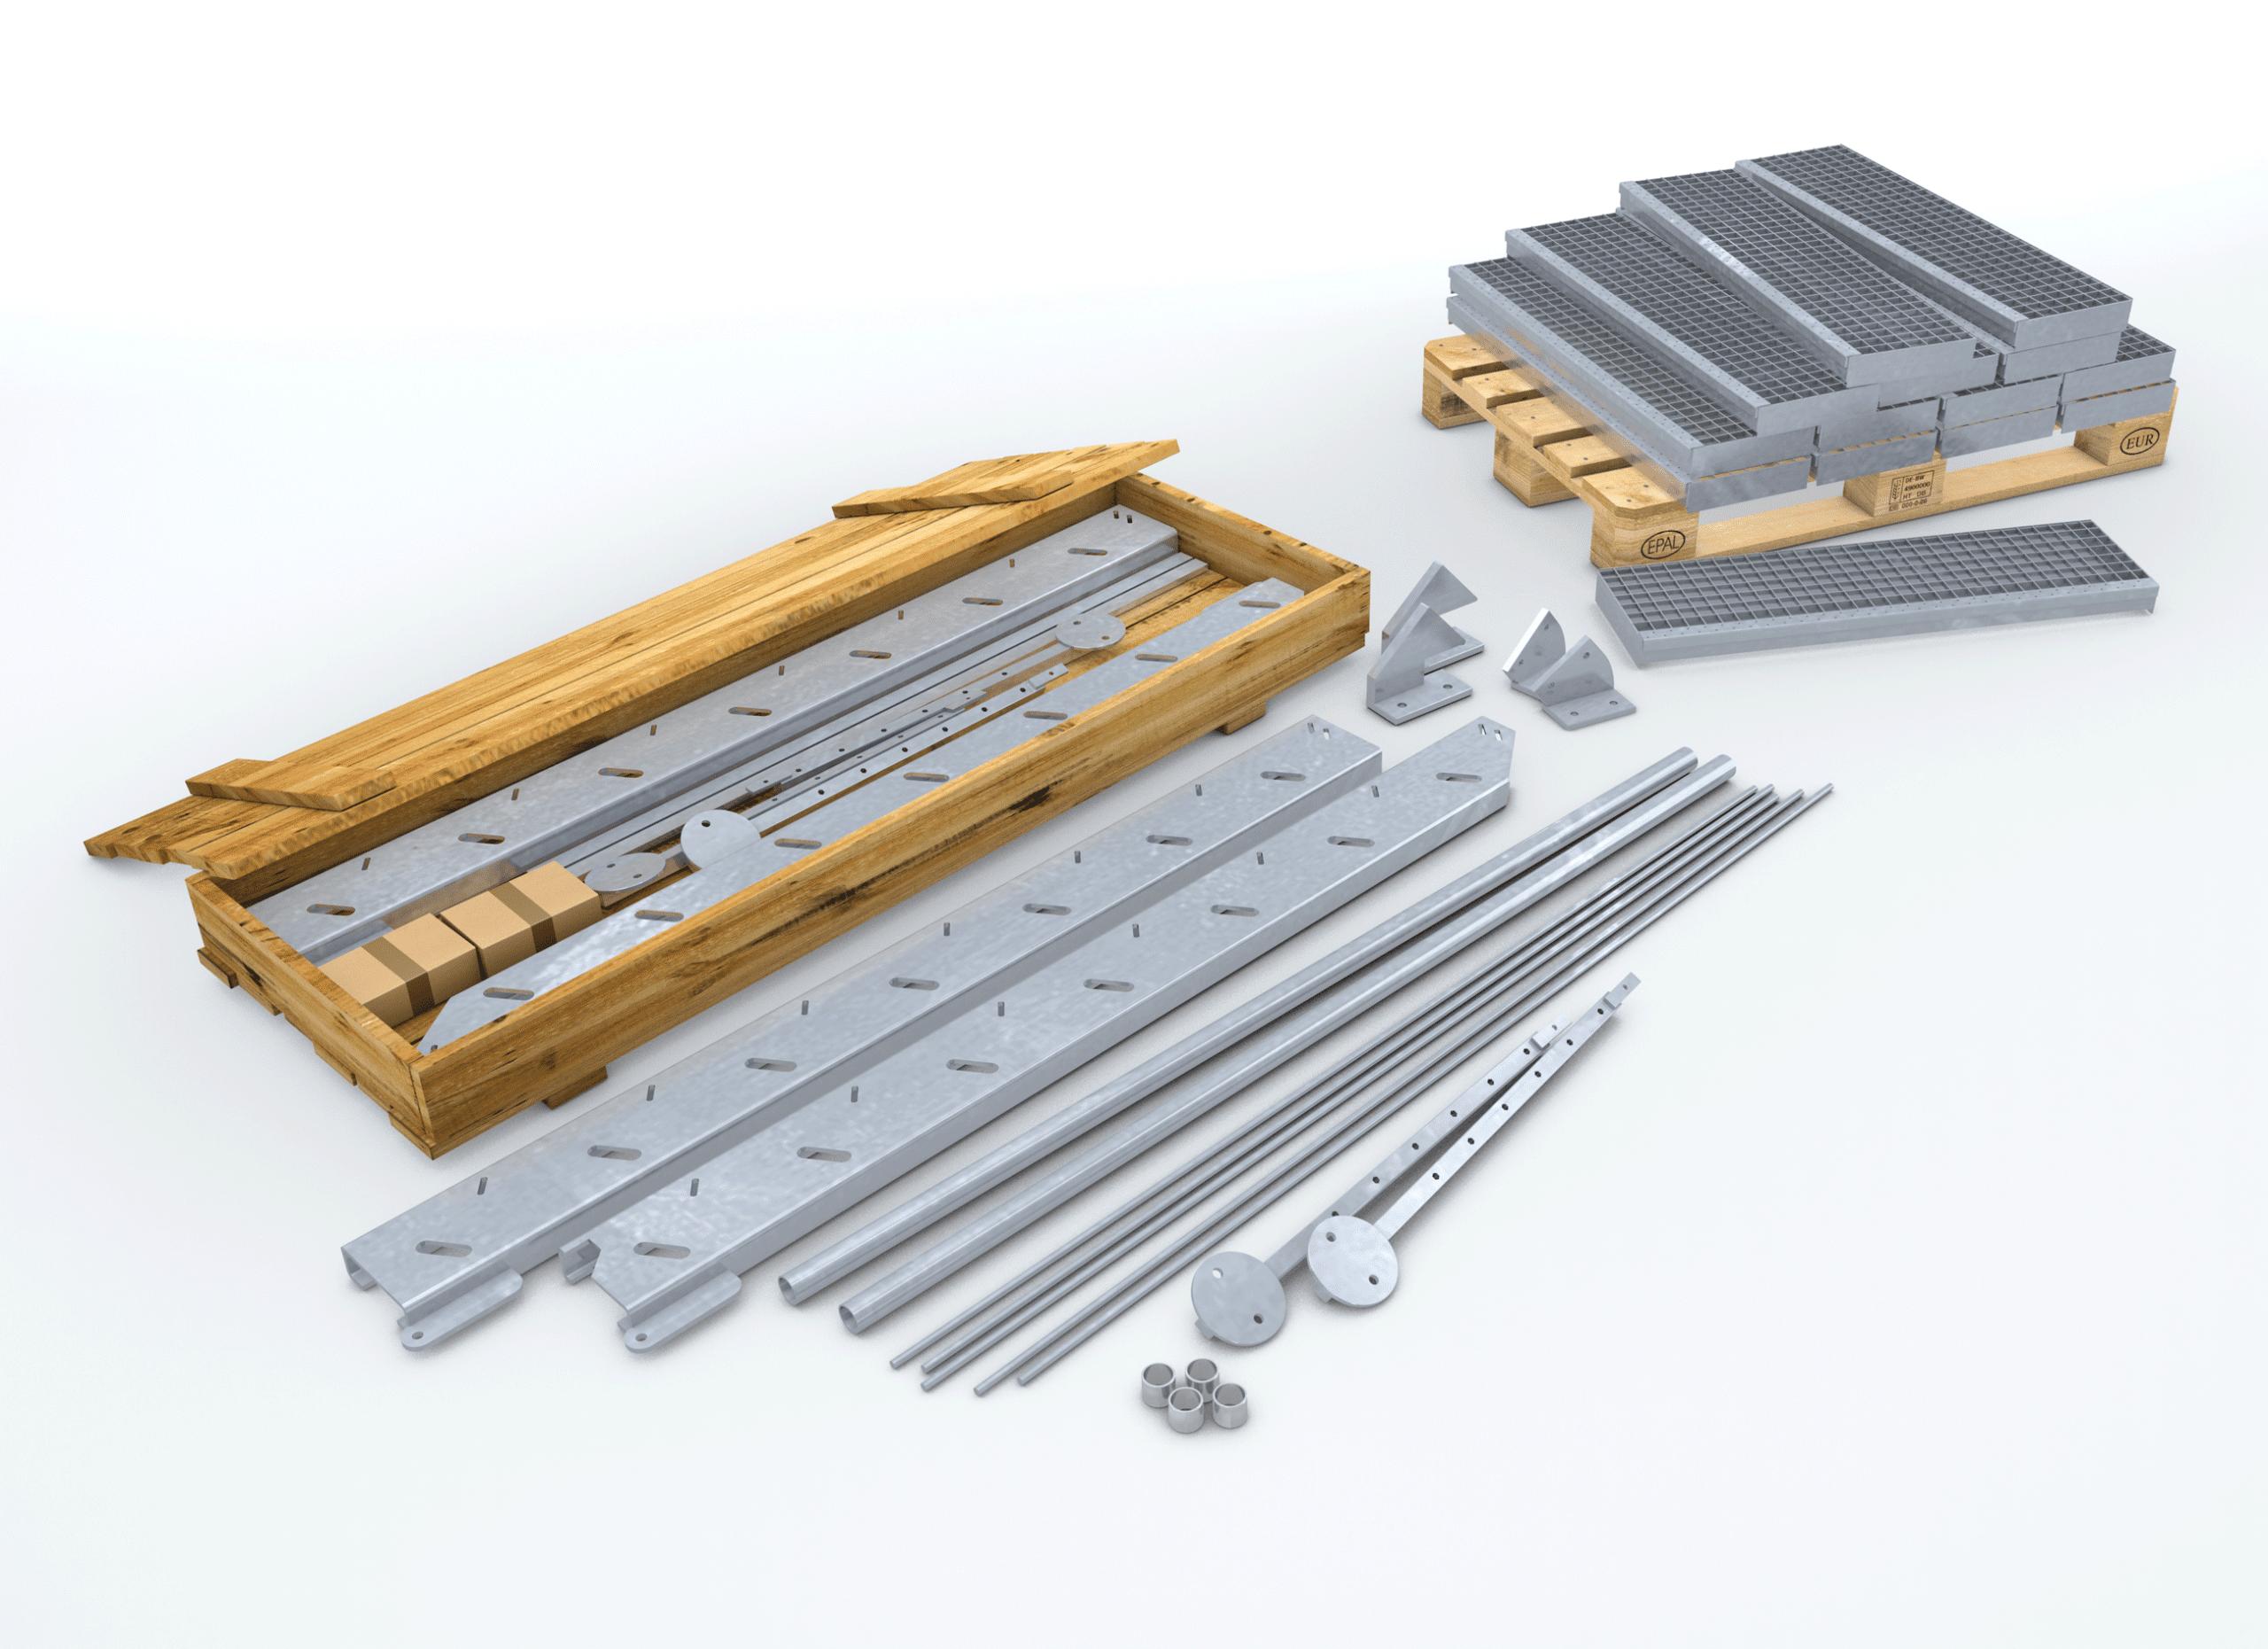 Bausatz für Gitterroste